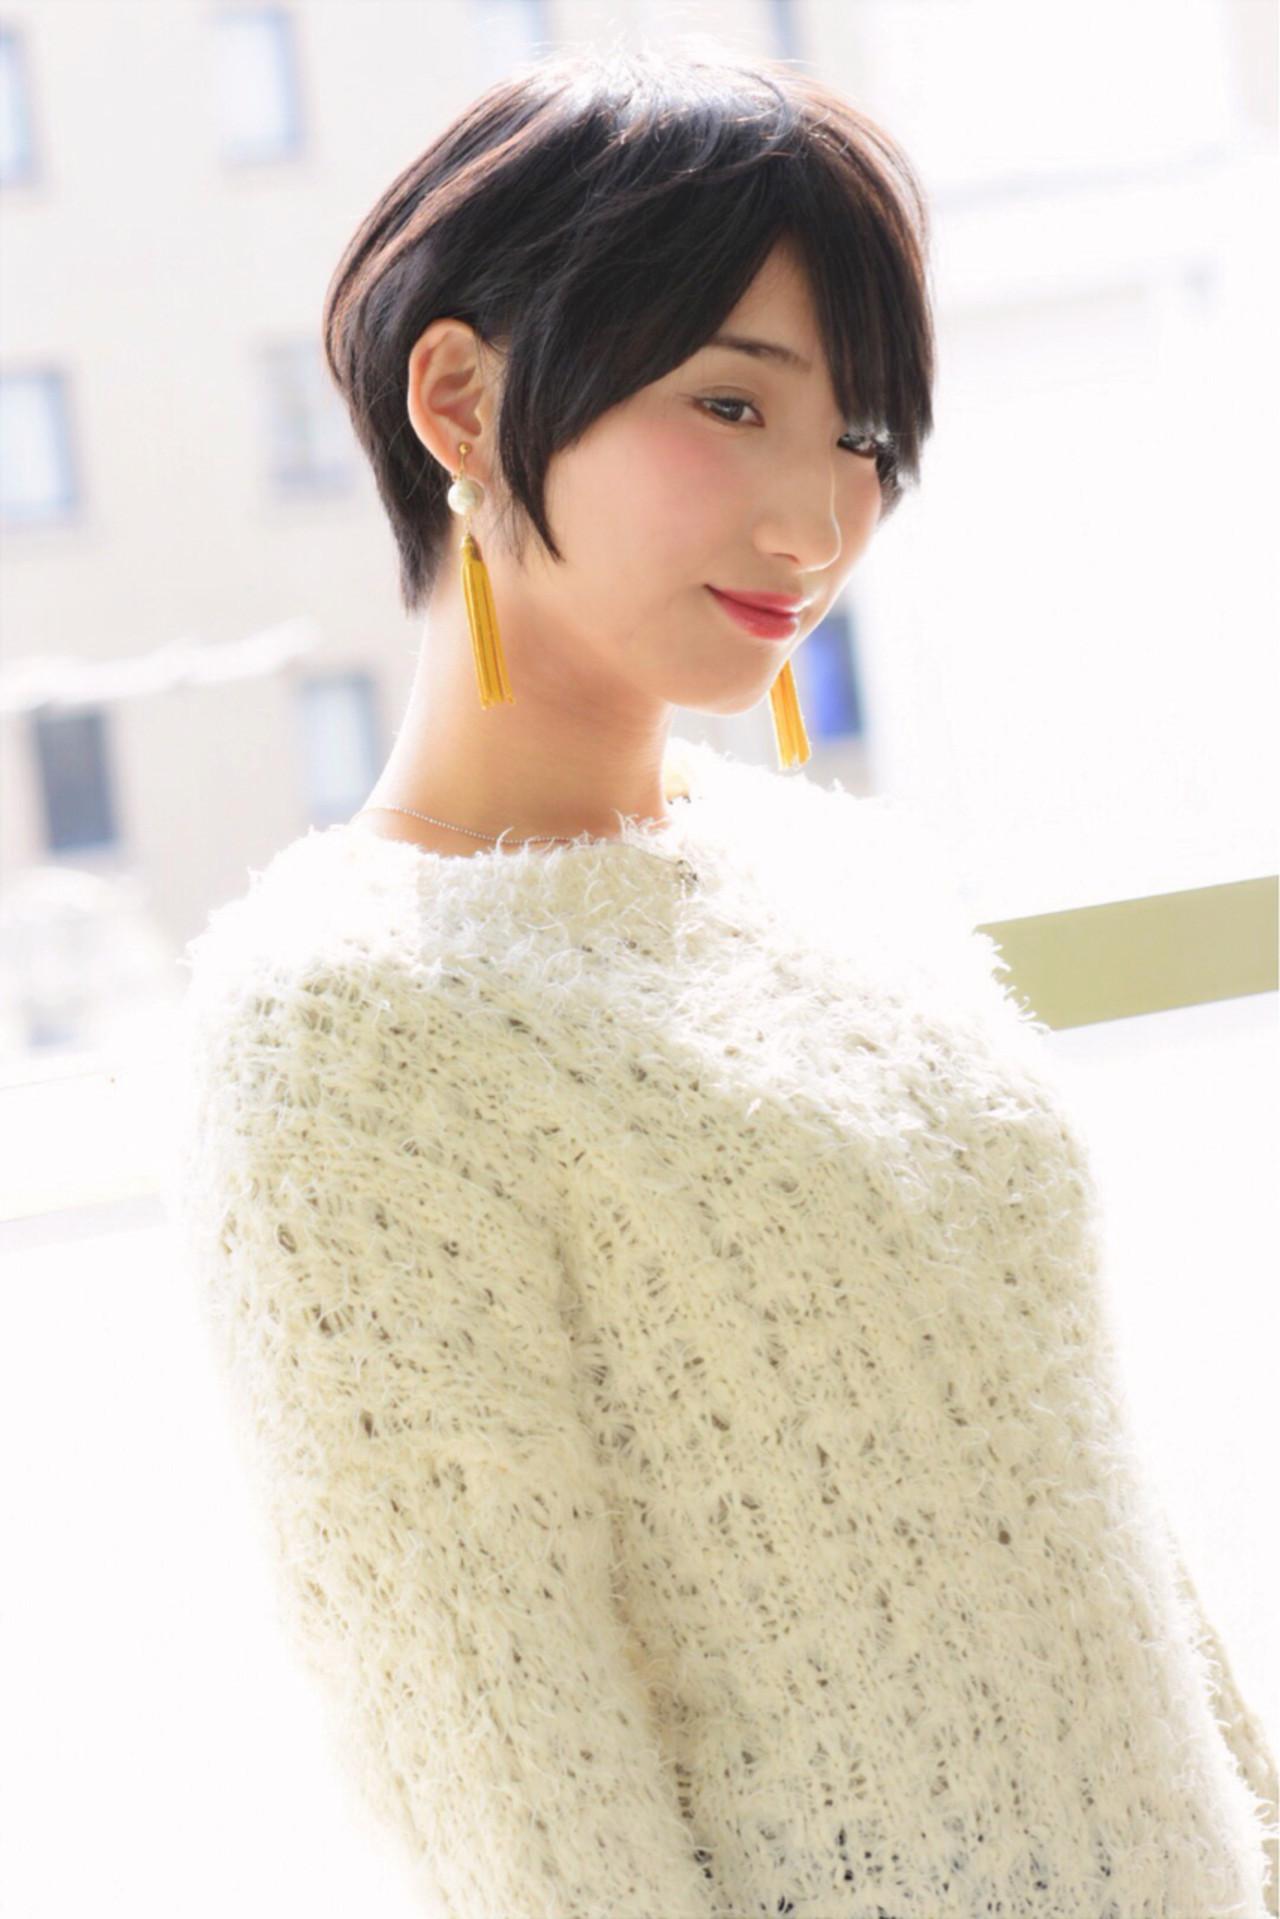 【種類別】挑戦したくなる人気のショートスタイルを一挙大公開♡ カワノナオト【福岡美容師】 | kchiara